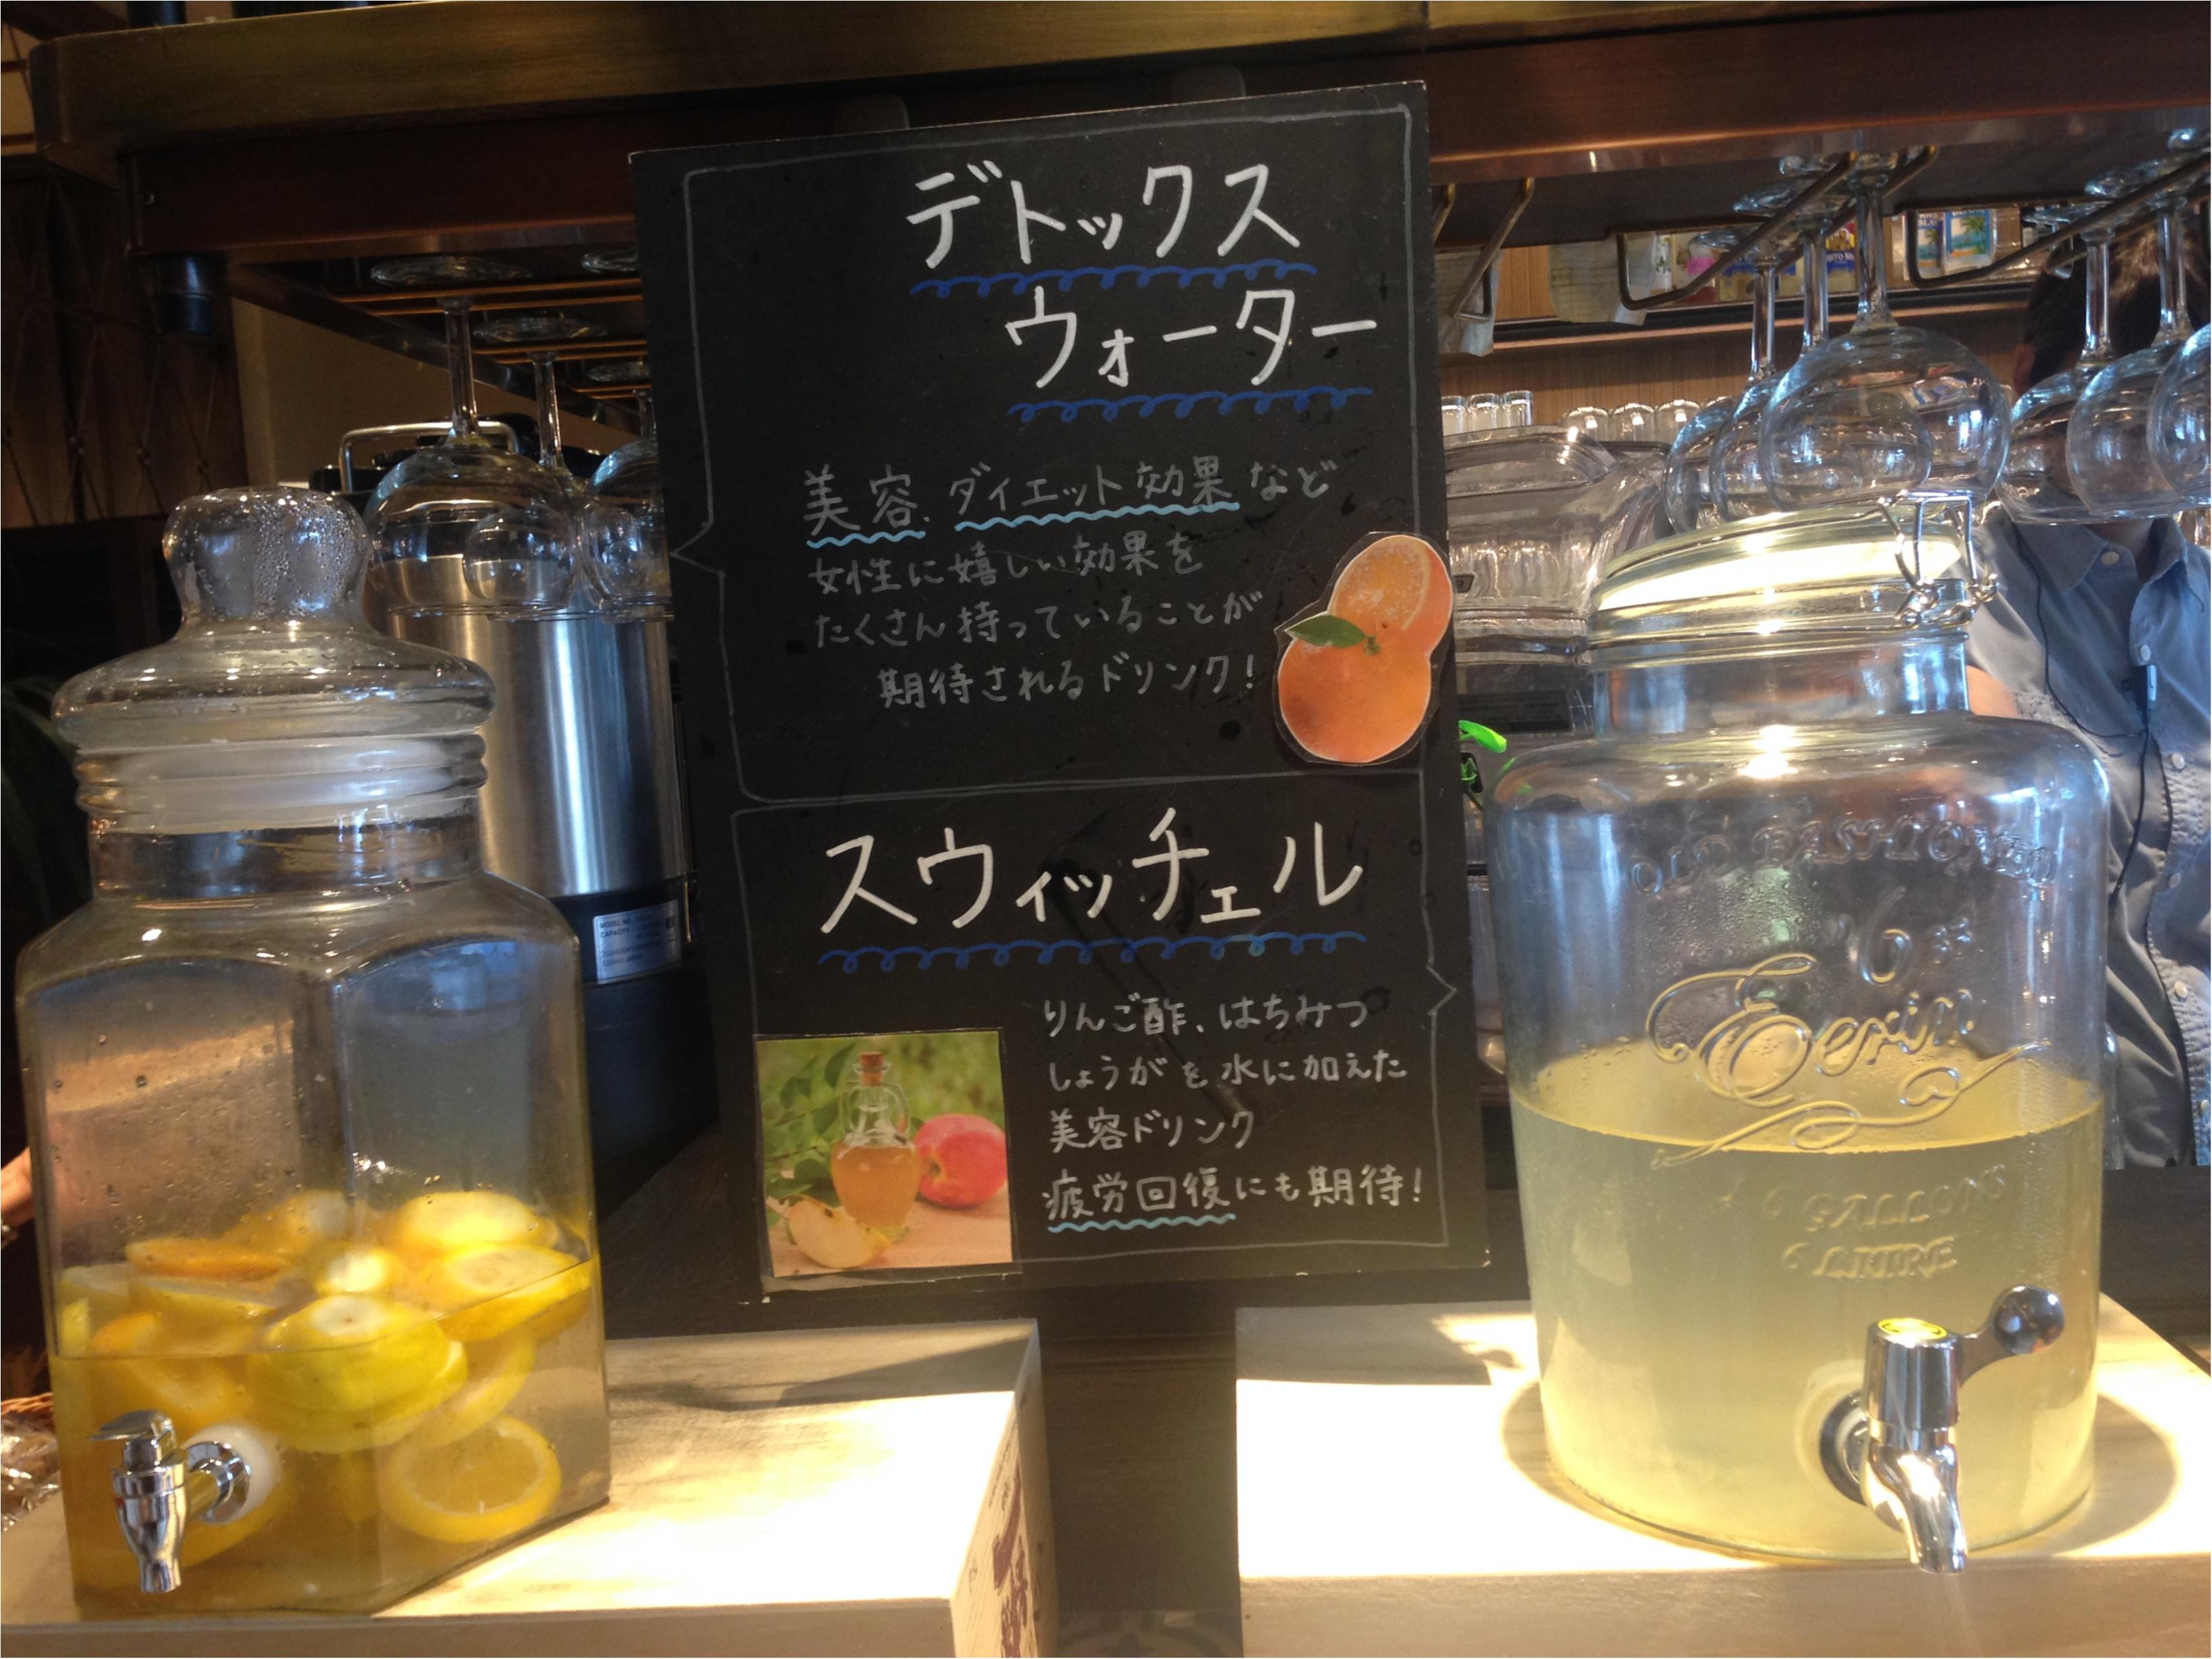 【新宿】え、新宿にこんな素敵なレストランあるの知ってた!?絶対リピートしたいお店発見\(^o^)/パン、パクチー食べ放題もやってるよ〜_5